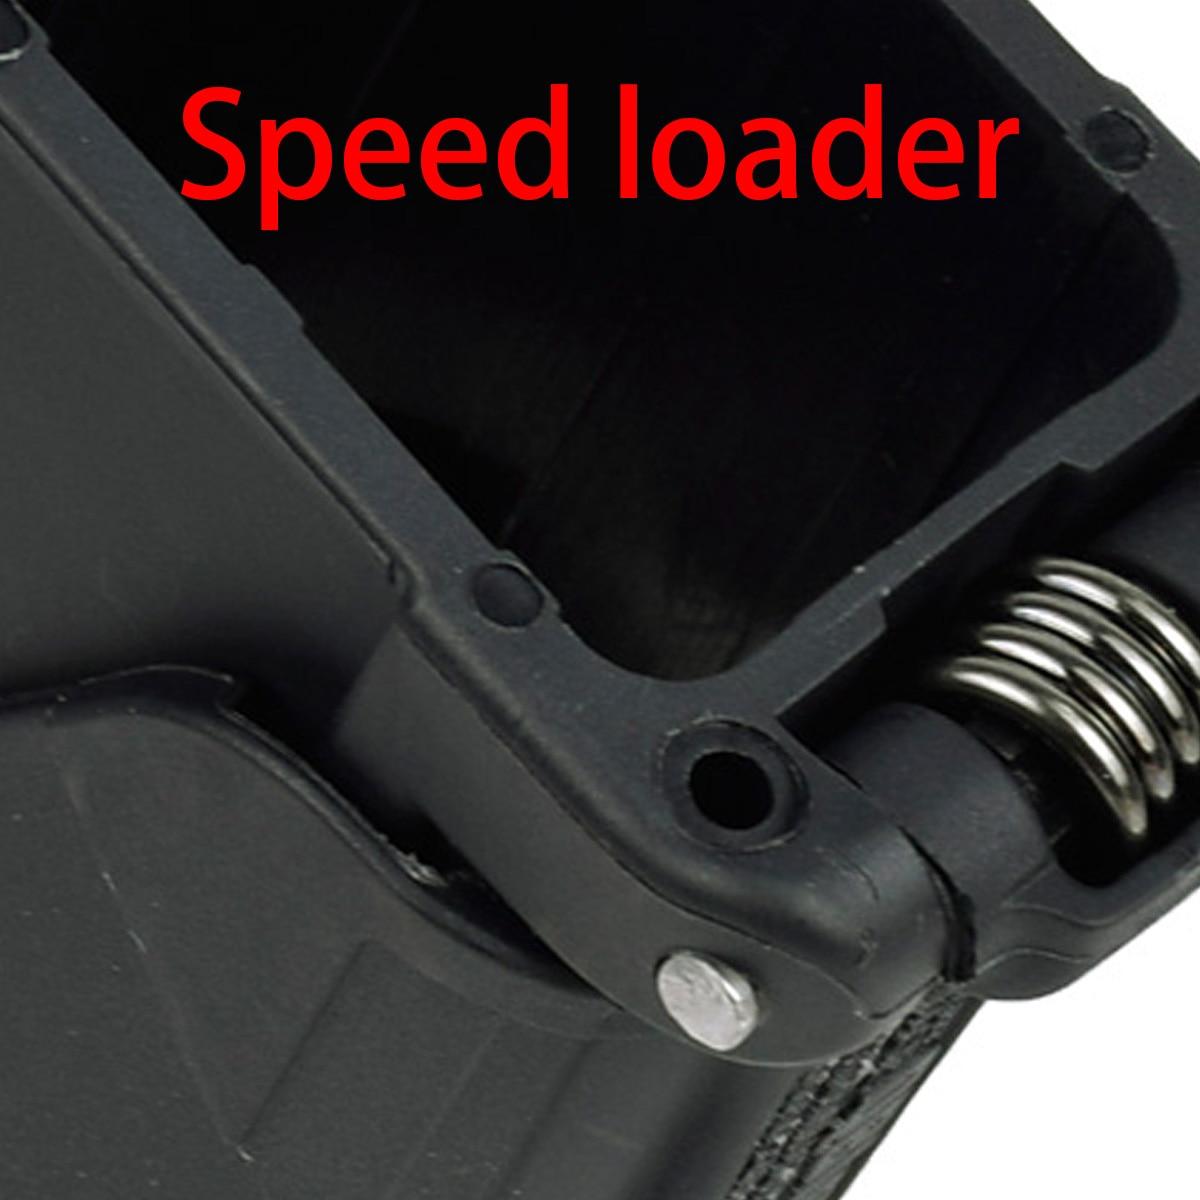 Carregador de velocidade do compartimento de munição para 9mm .40 .357 .45 .22 22lr para quase glock 1911 cz 75 p320 pistola